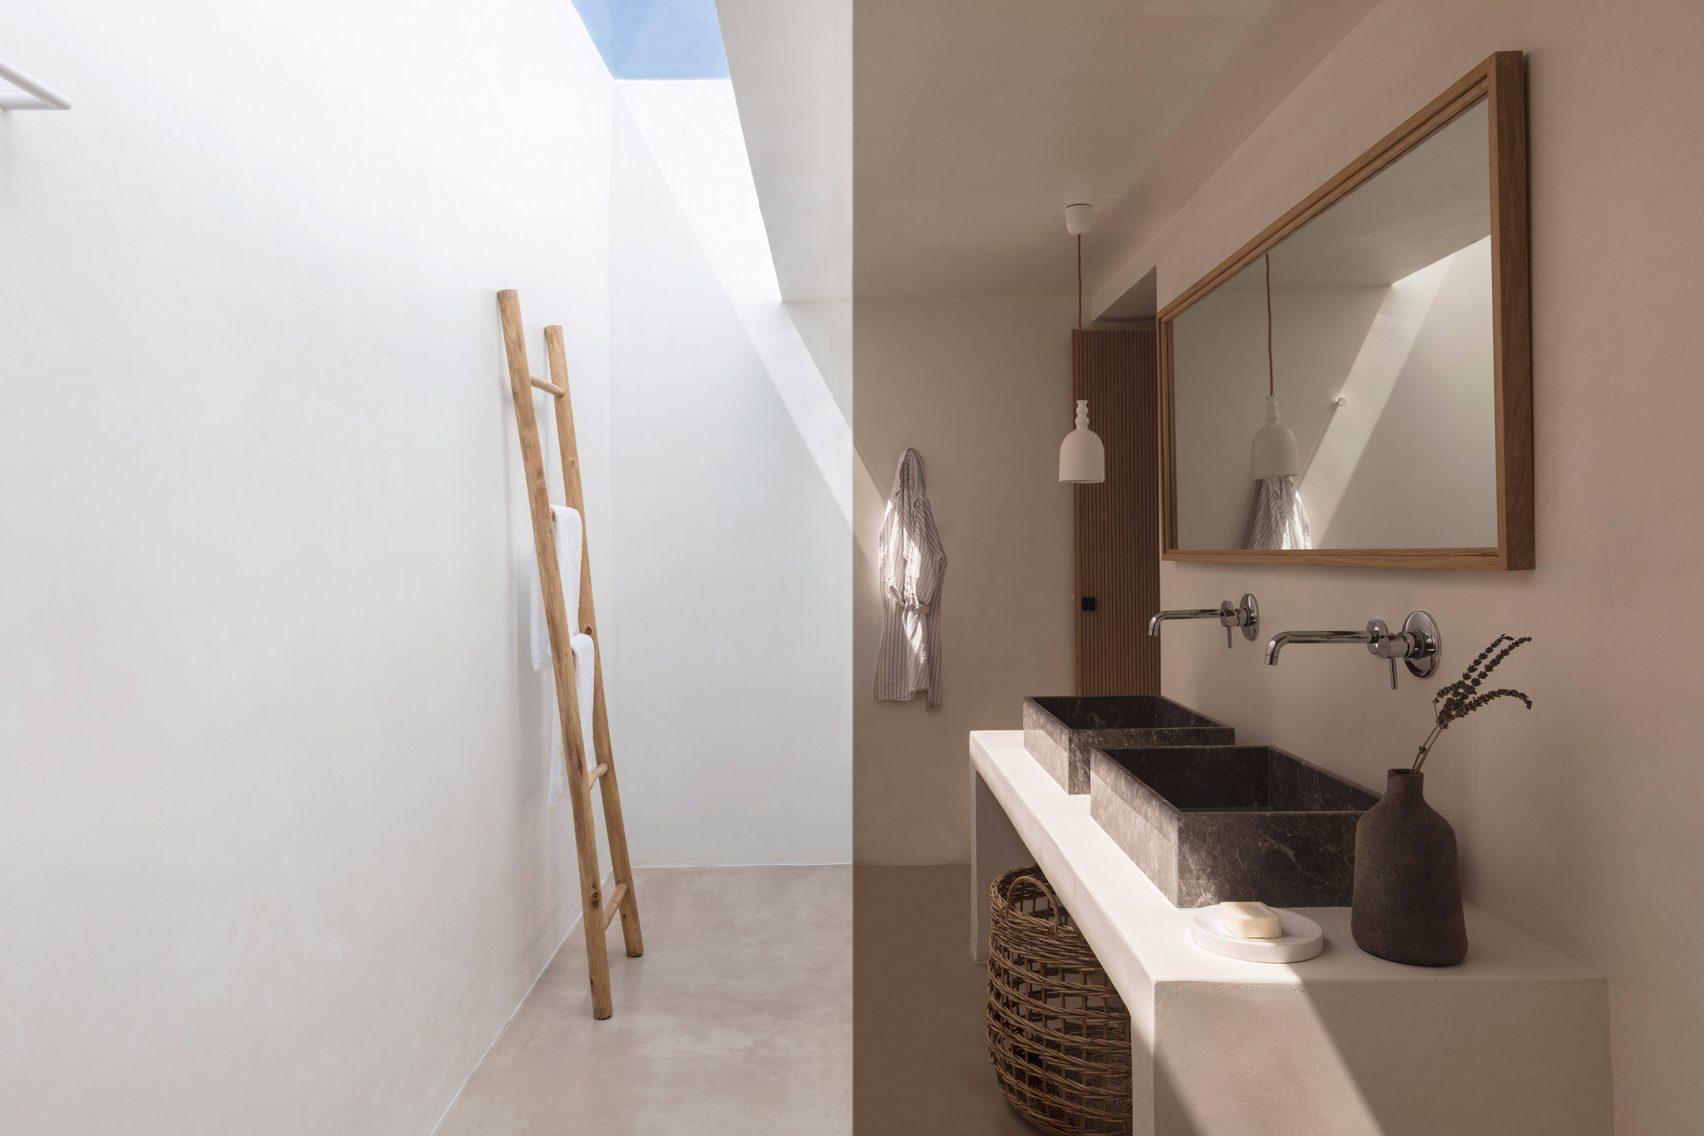 Summer Villa in Santorini, Greece by Kapsimalis Architects